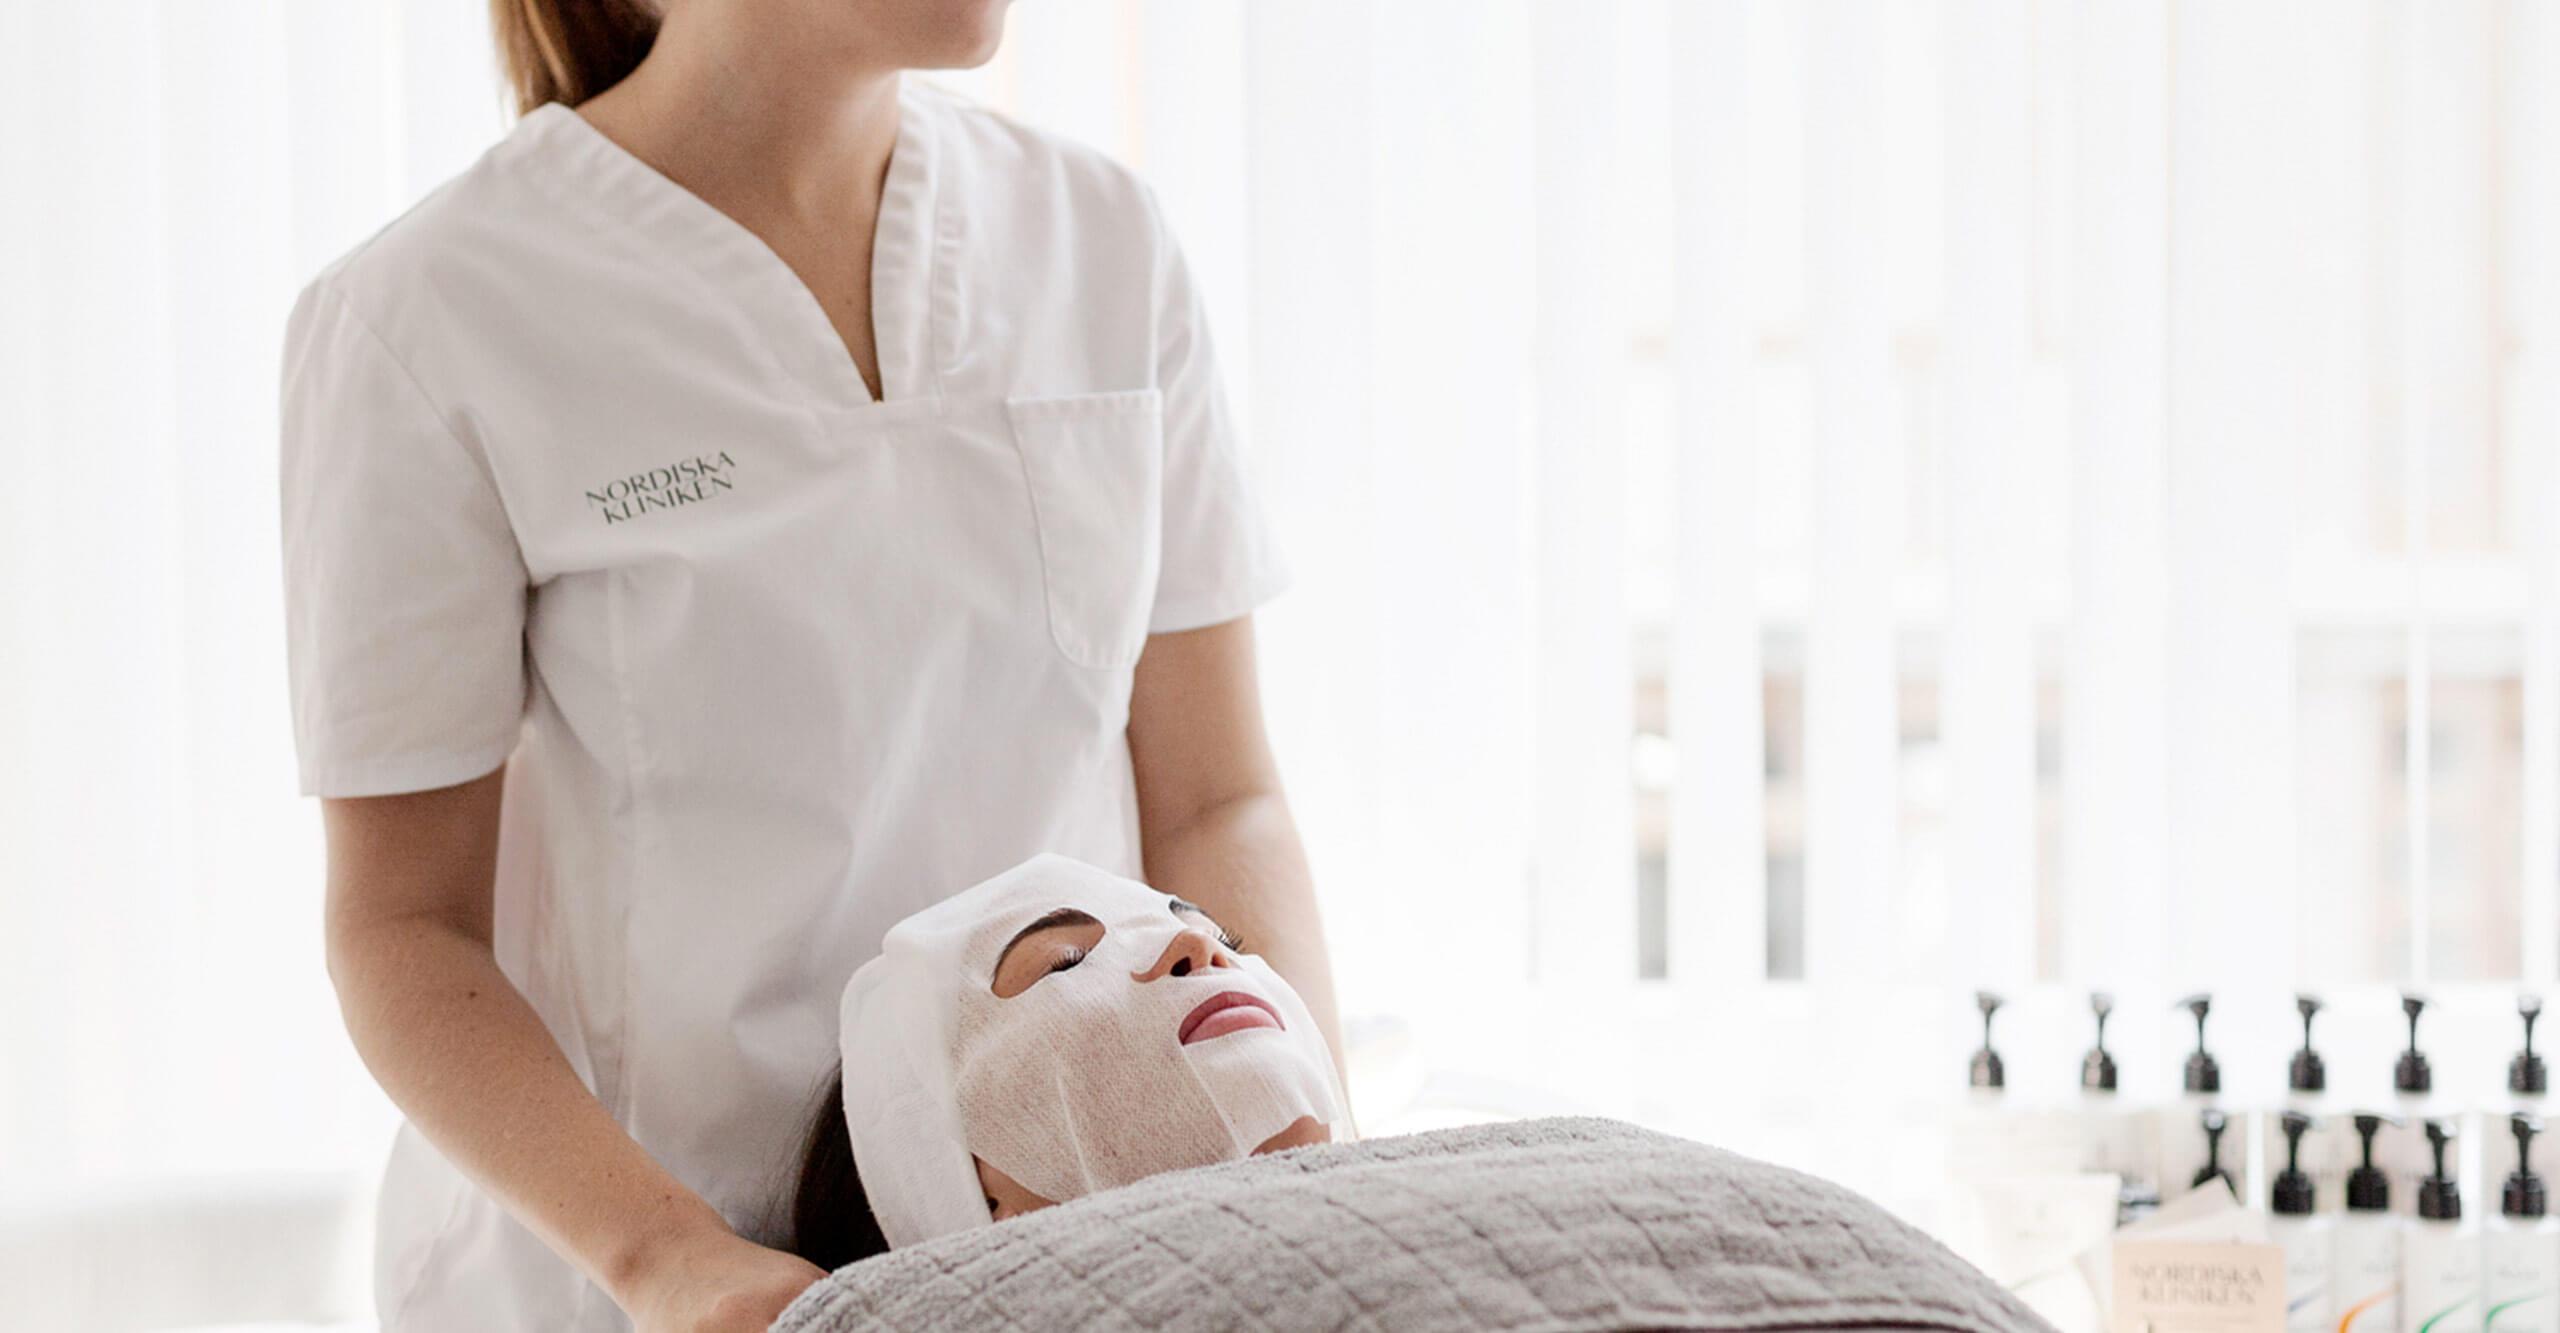 Ansiktsbehandling med ansiktsmask genomförs av en hudterapeut